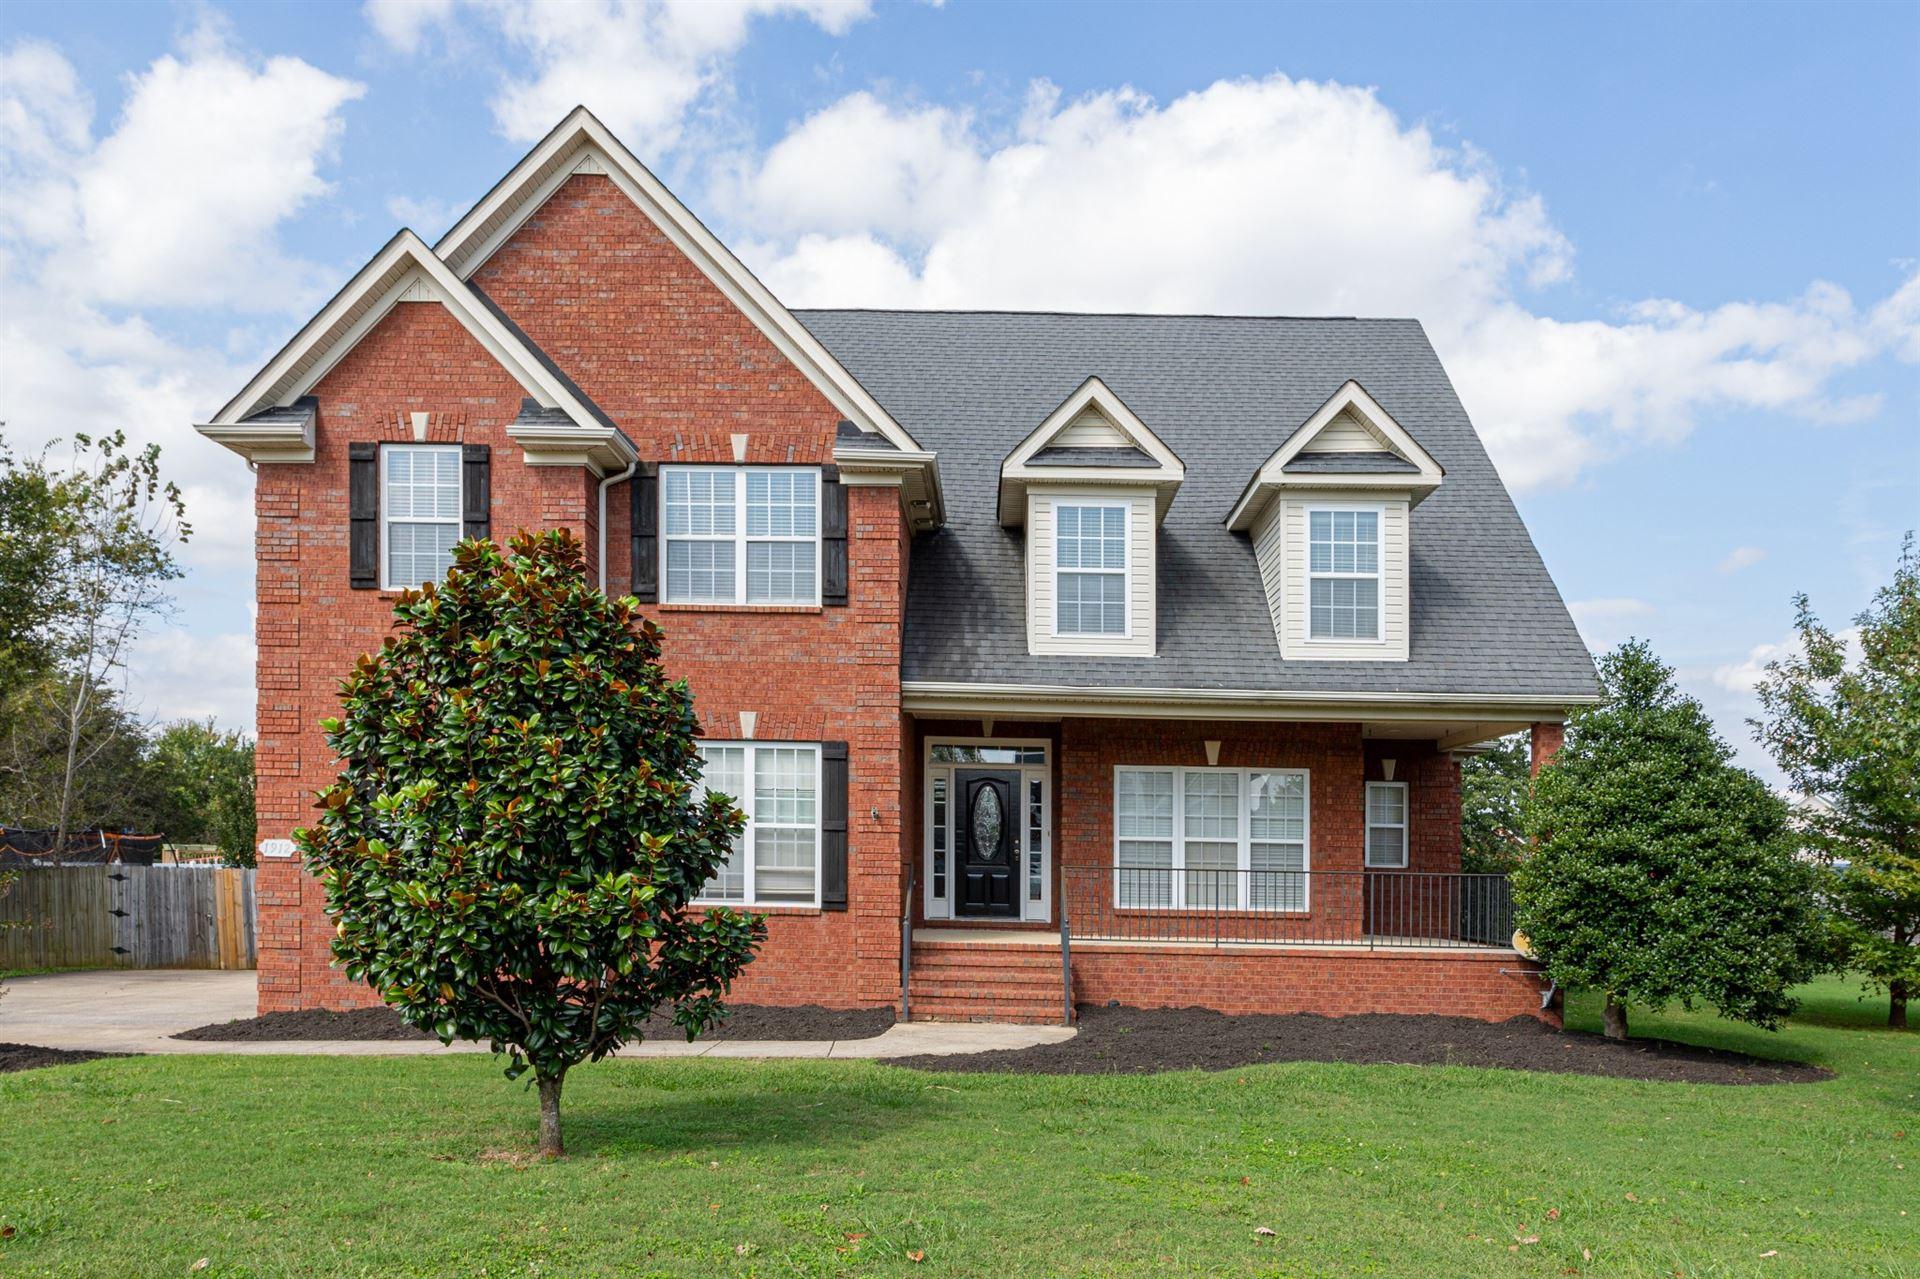 1912 Joben Dr, Murfreesboro, TN 37128 - MLS#: 2299514